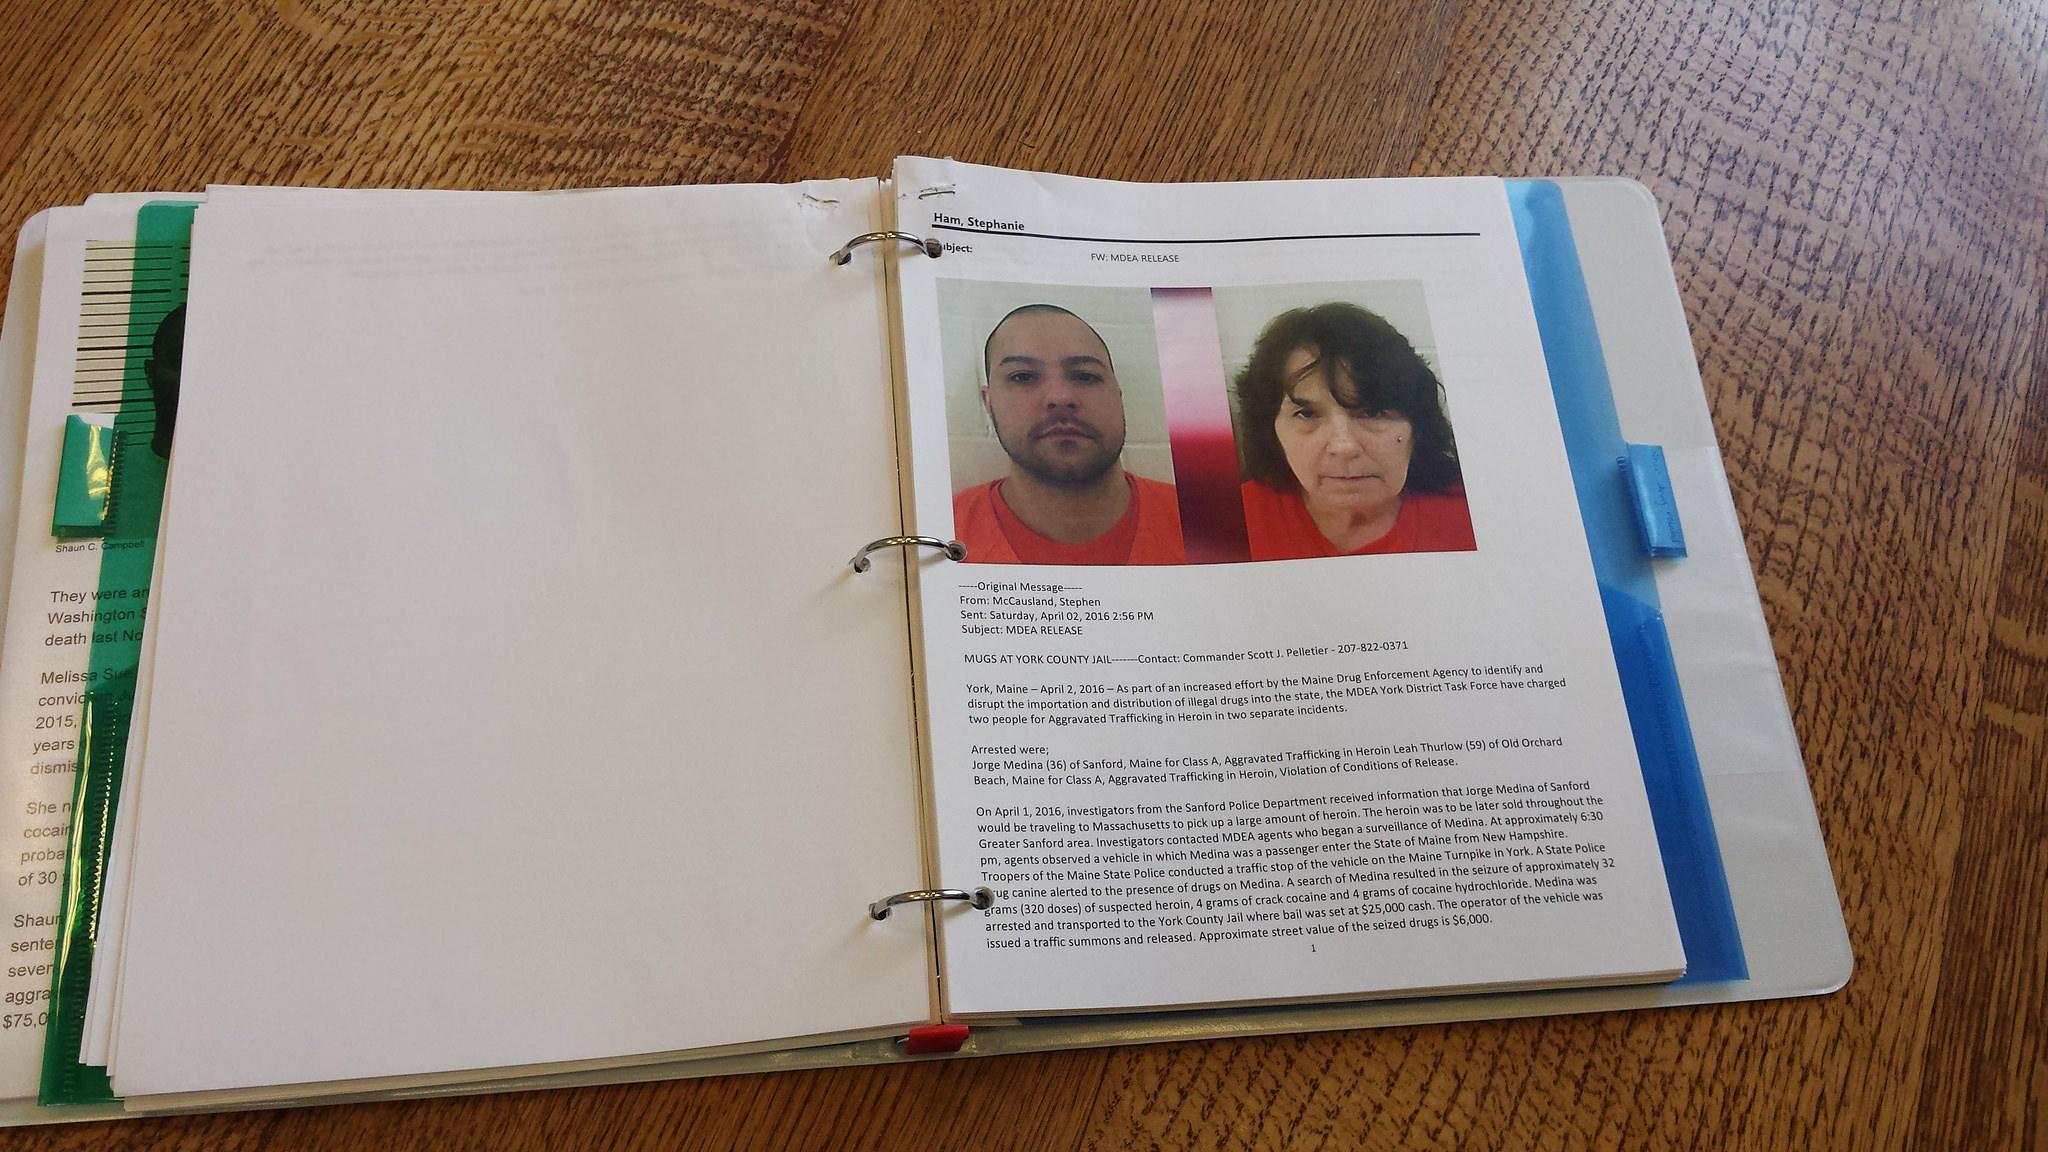 LePage's documents don't back up claims on blacks, Hispanics